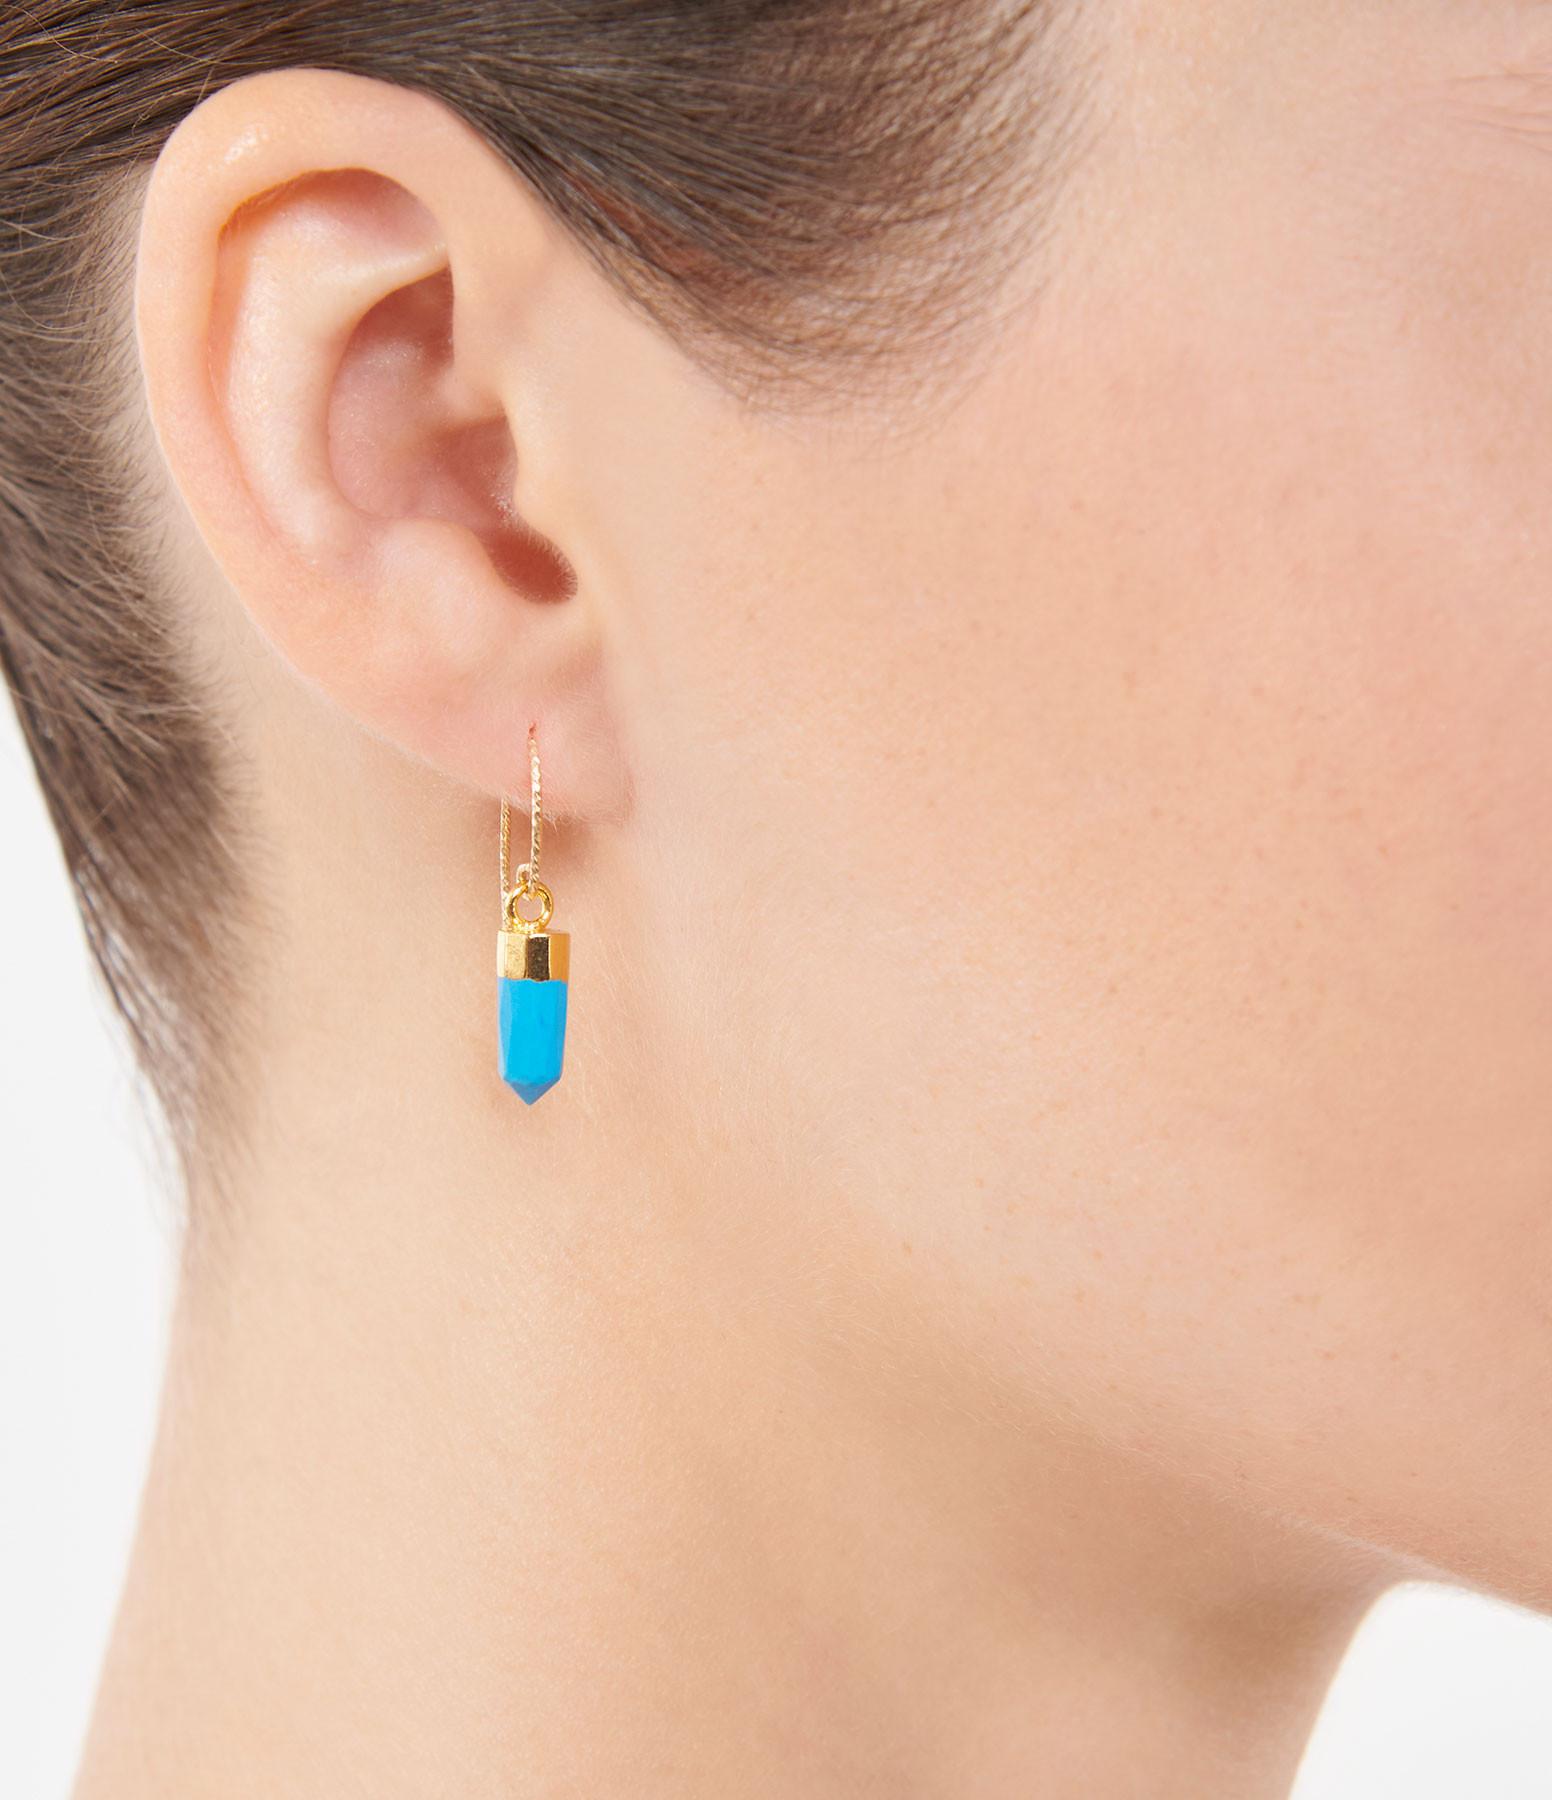 MON PRECIEUX GEM - Boucle d'oreille Rocher Roucas Turquoise (vendue à l'unité)